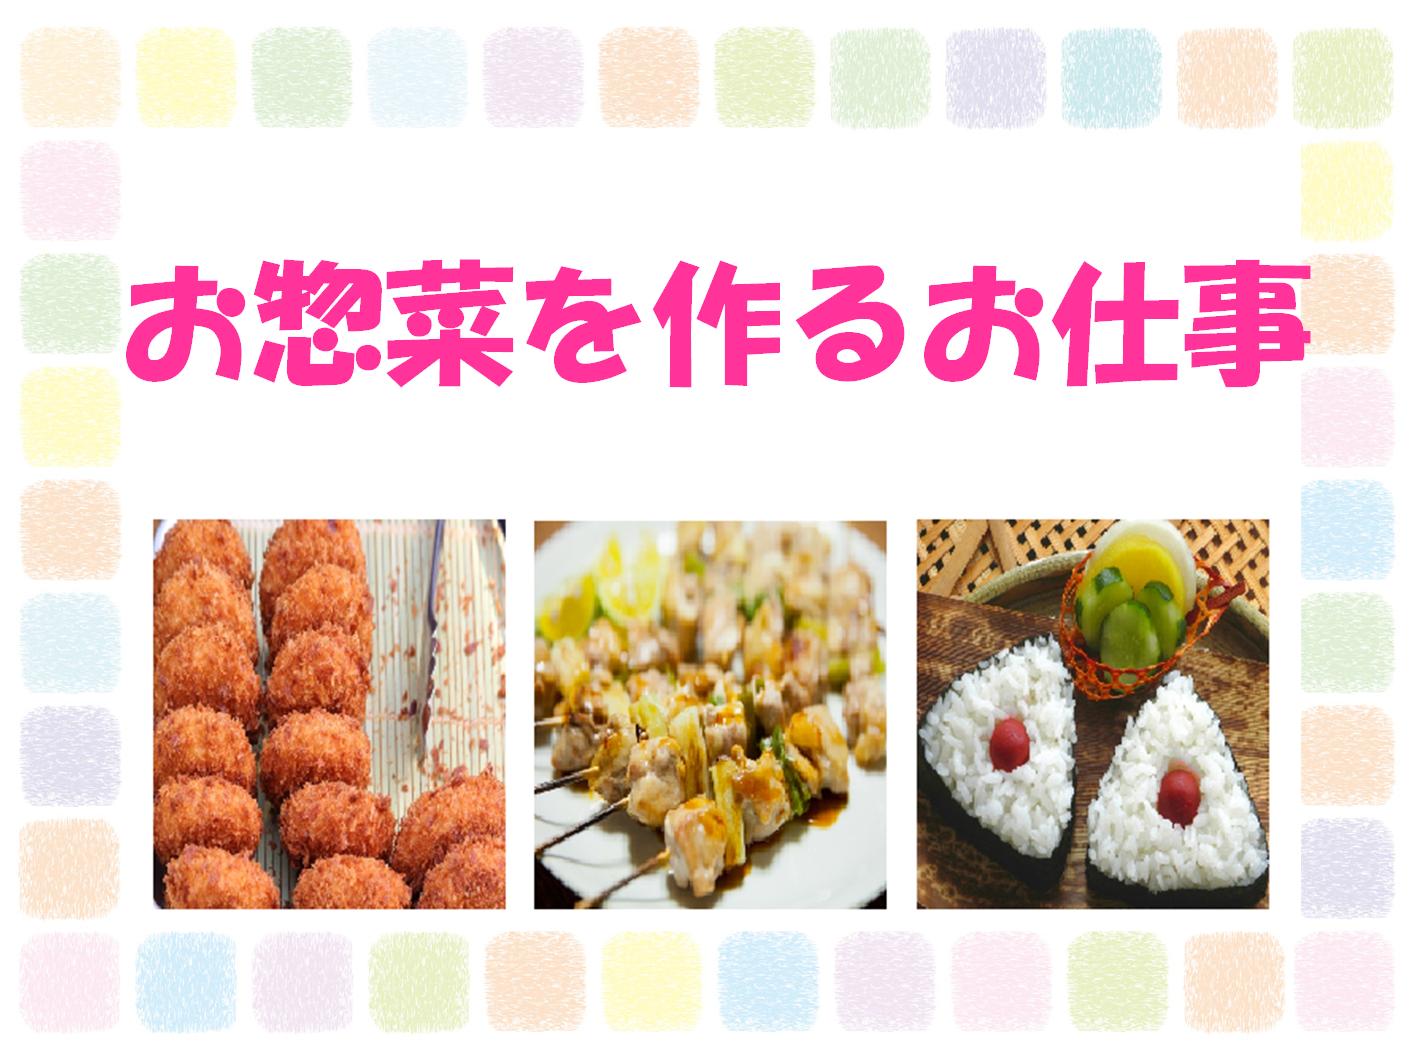 【二俣新町】惣菜◇時給1200円◇入社祝い金制度(規定あり) イメージ